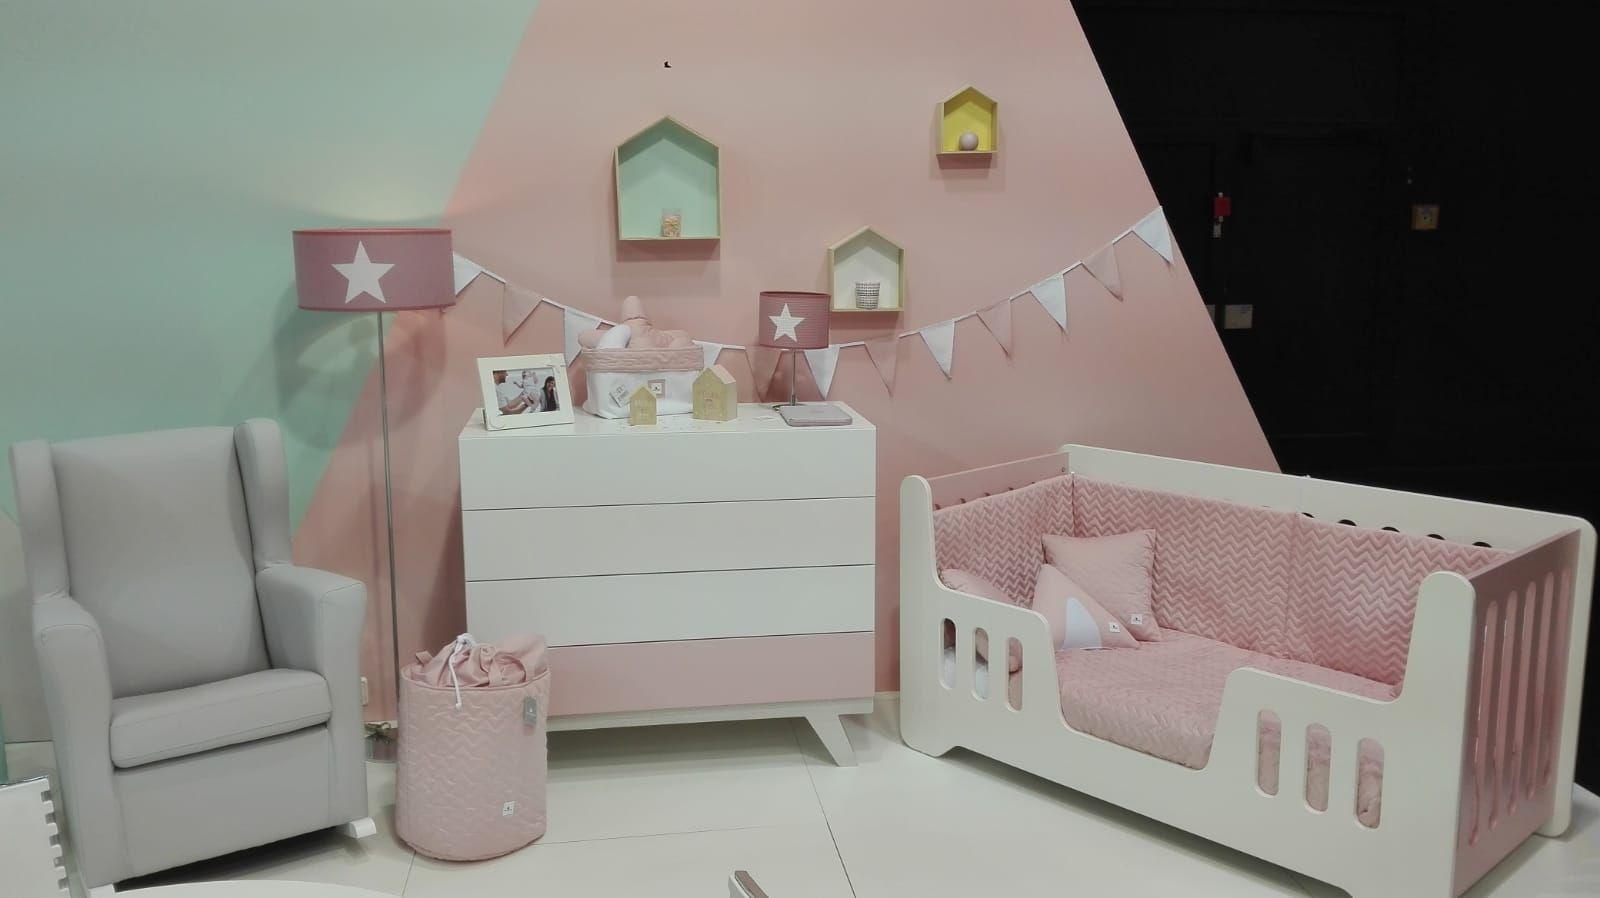 da98dc995 Colecciones para princesas 💓 Así podría quedar la habitación de tu bebé  con nuestra cunita 70x140cm